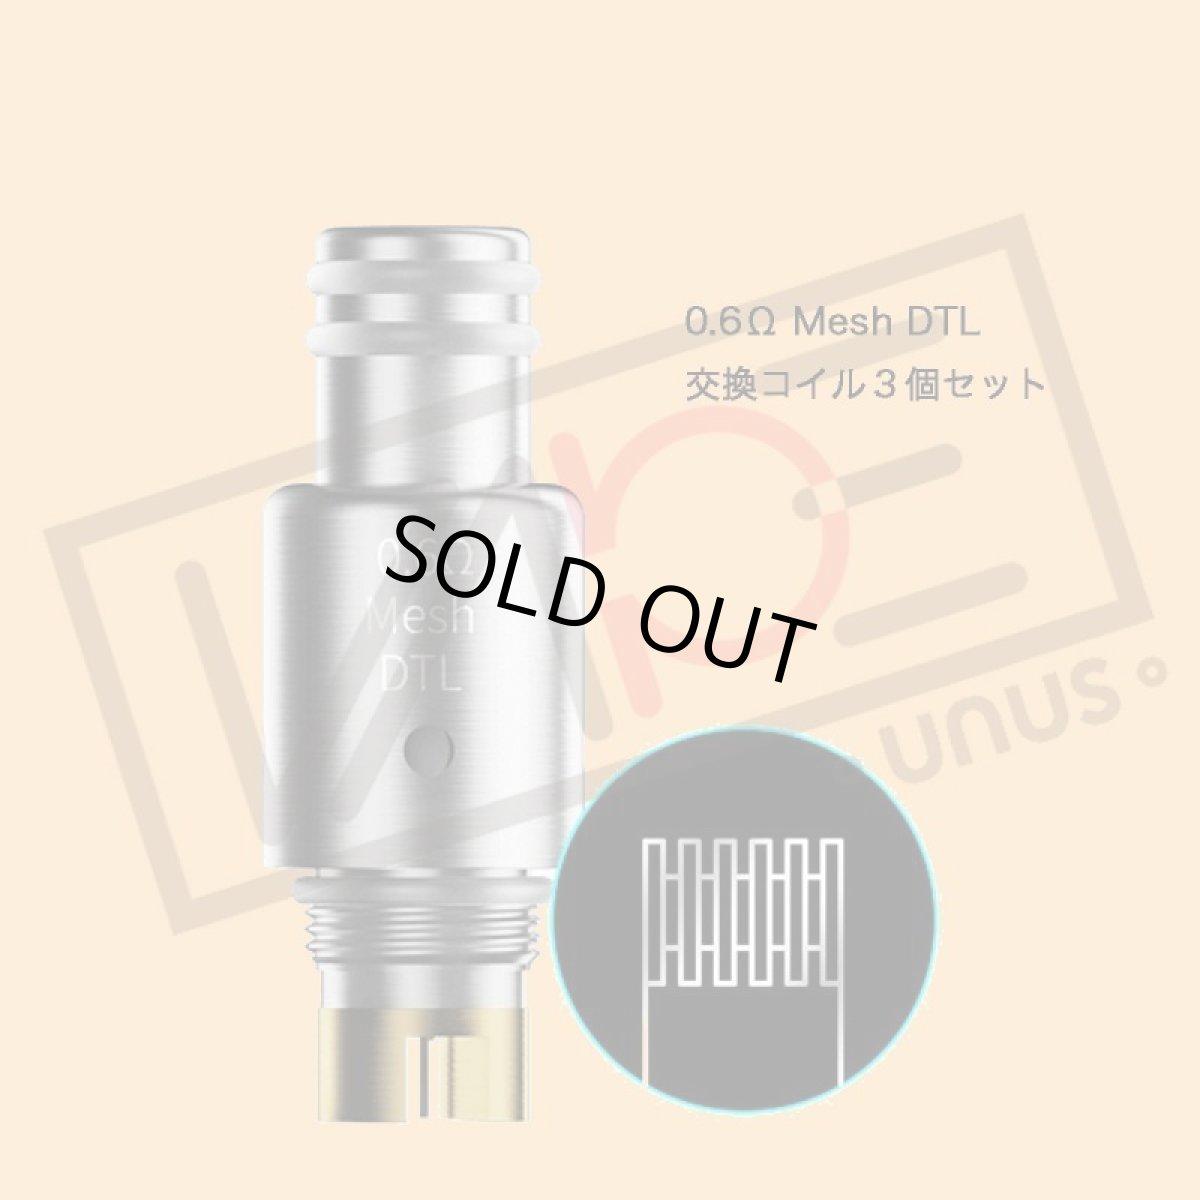 画像1: <交換コイル> 0.6Ω 3個セット Smoant / Pasito Pod kit 小型キット pod式 コンパクト 電子たばこ vape 初心者 (1)